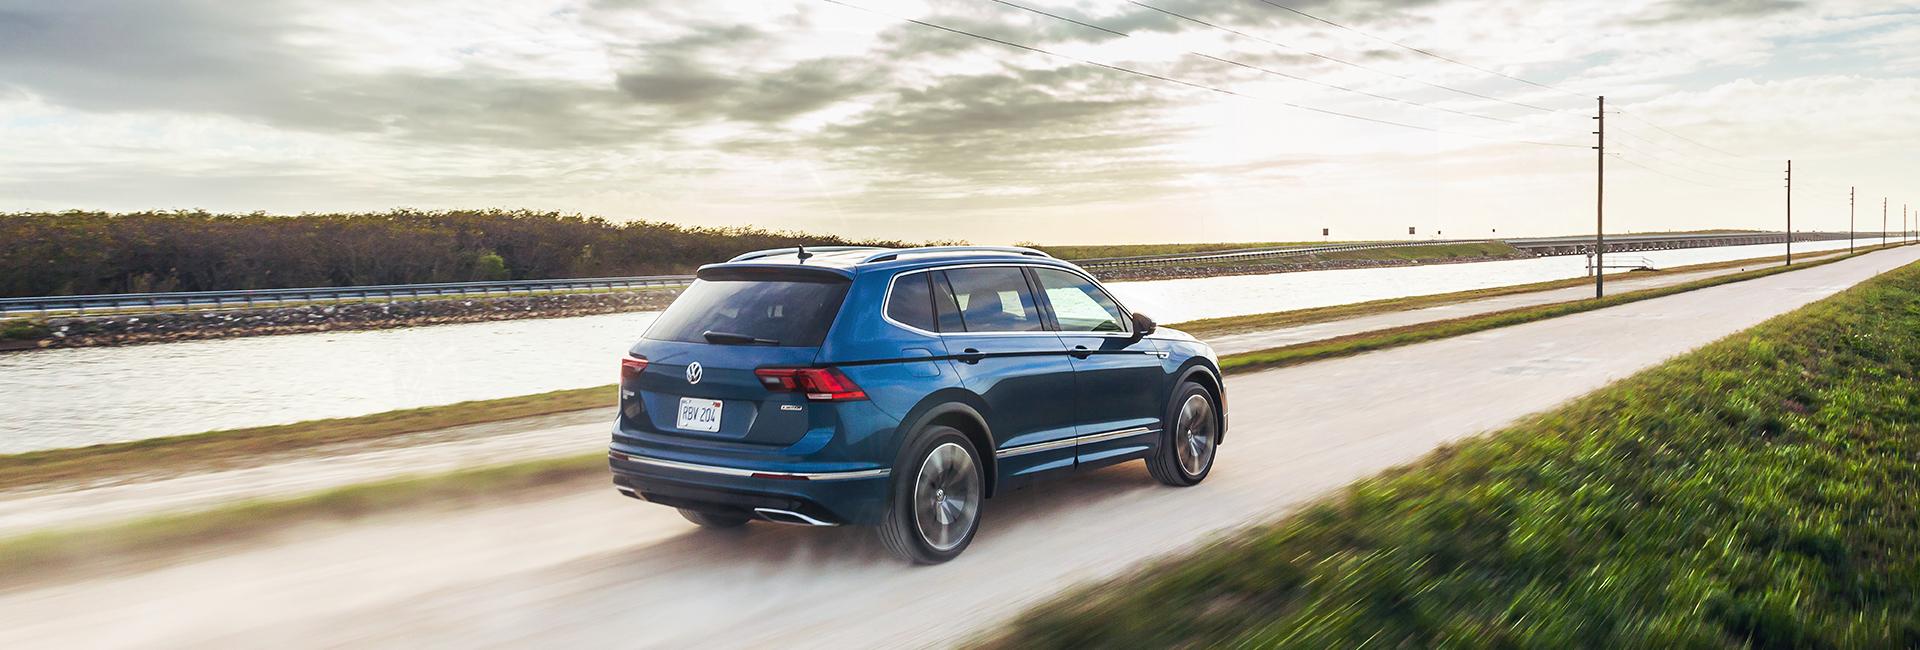 Explore the 2021 VW Tiguan | Spitzer Volkswagen Amherst